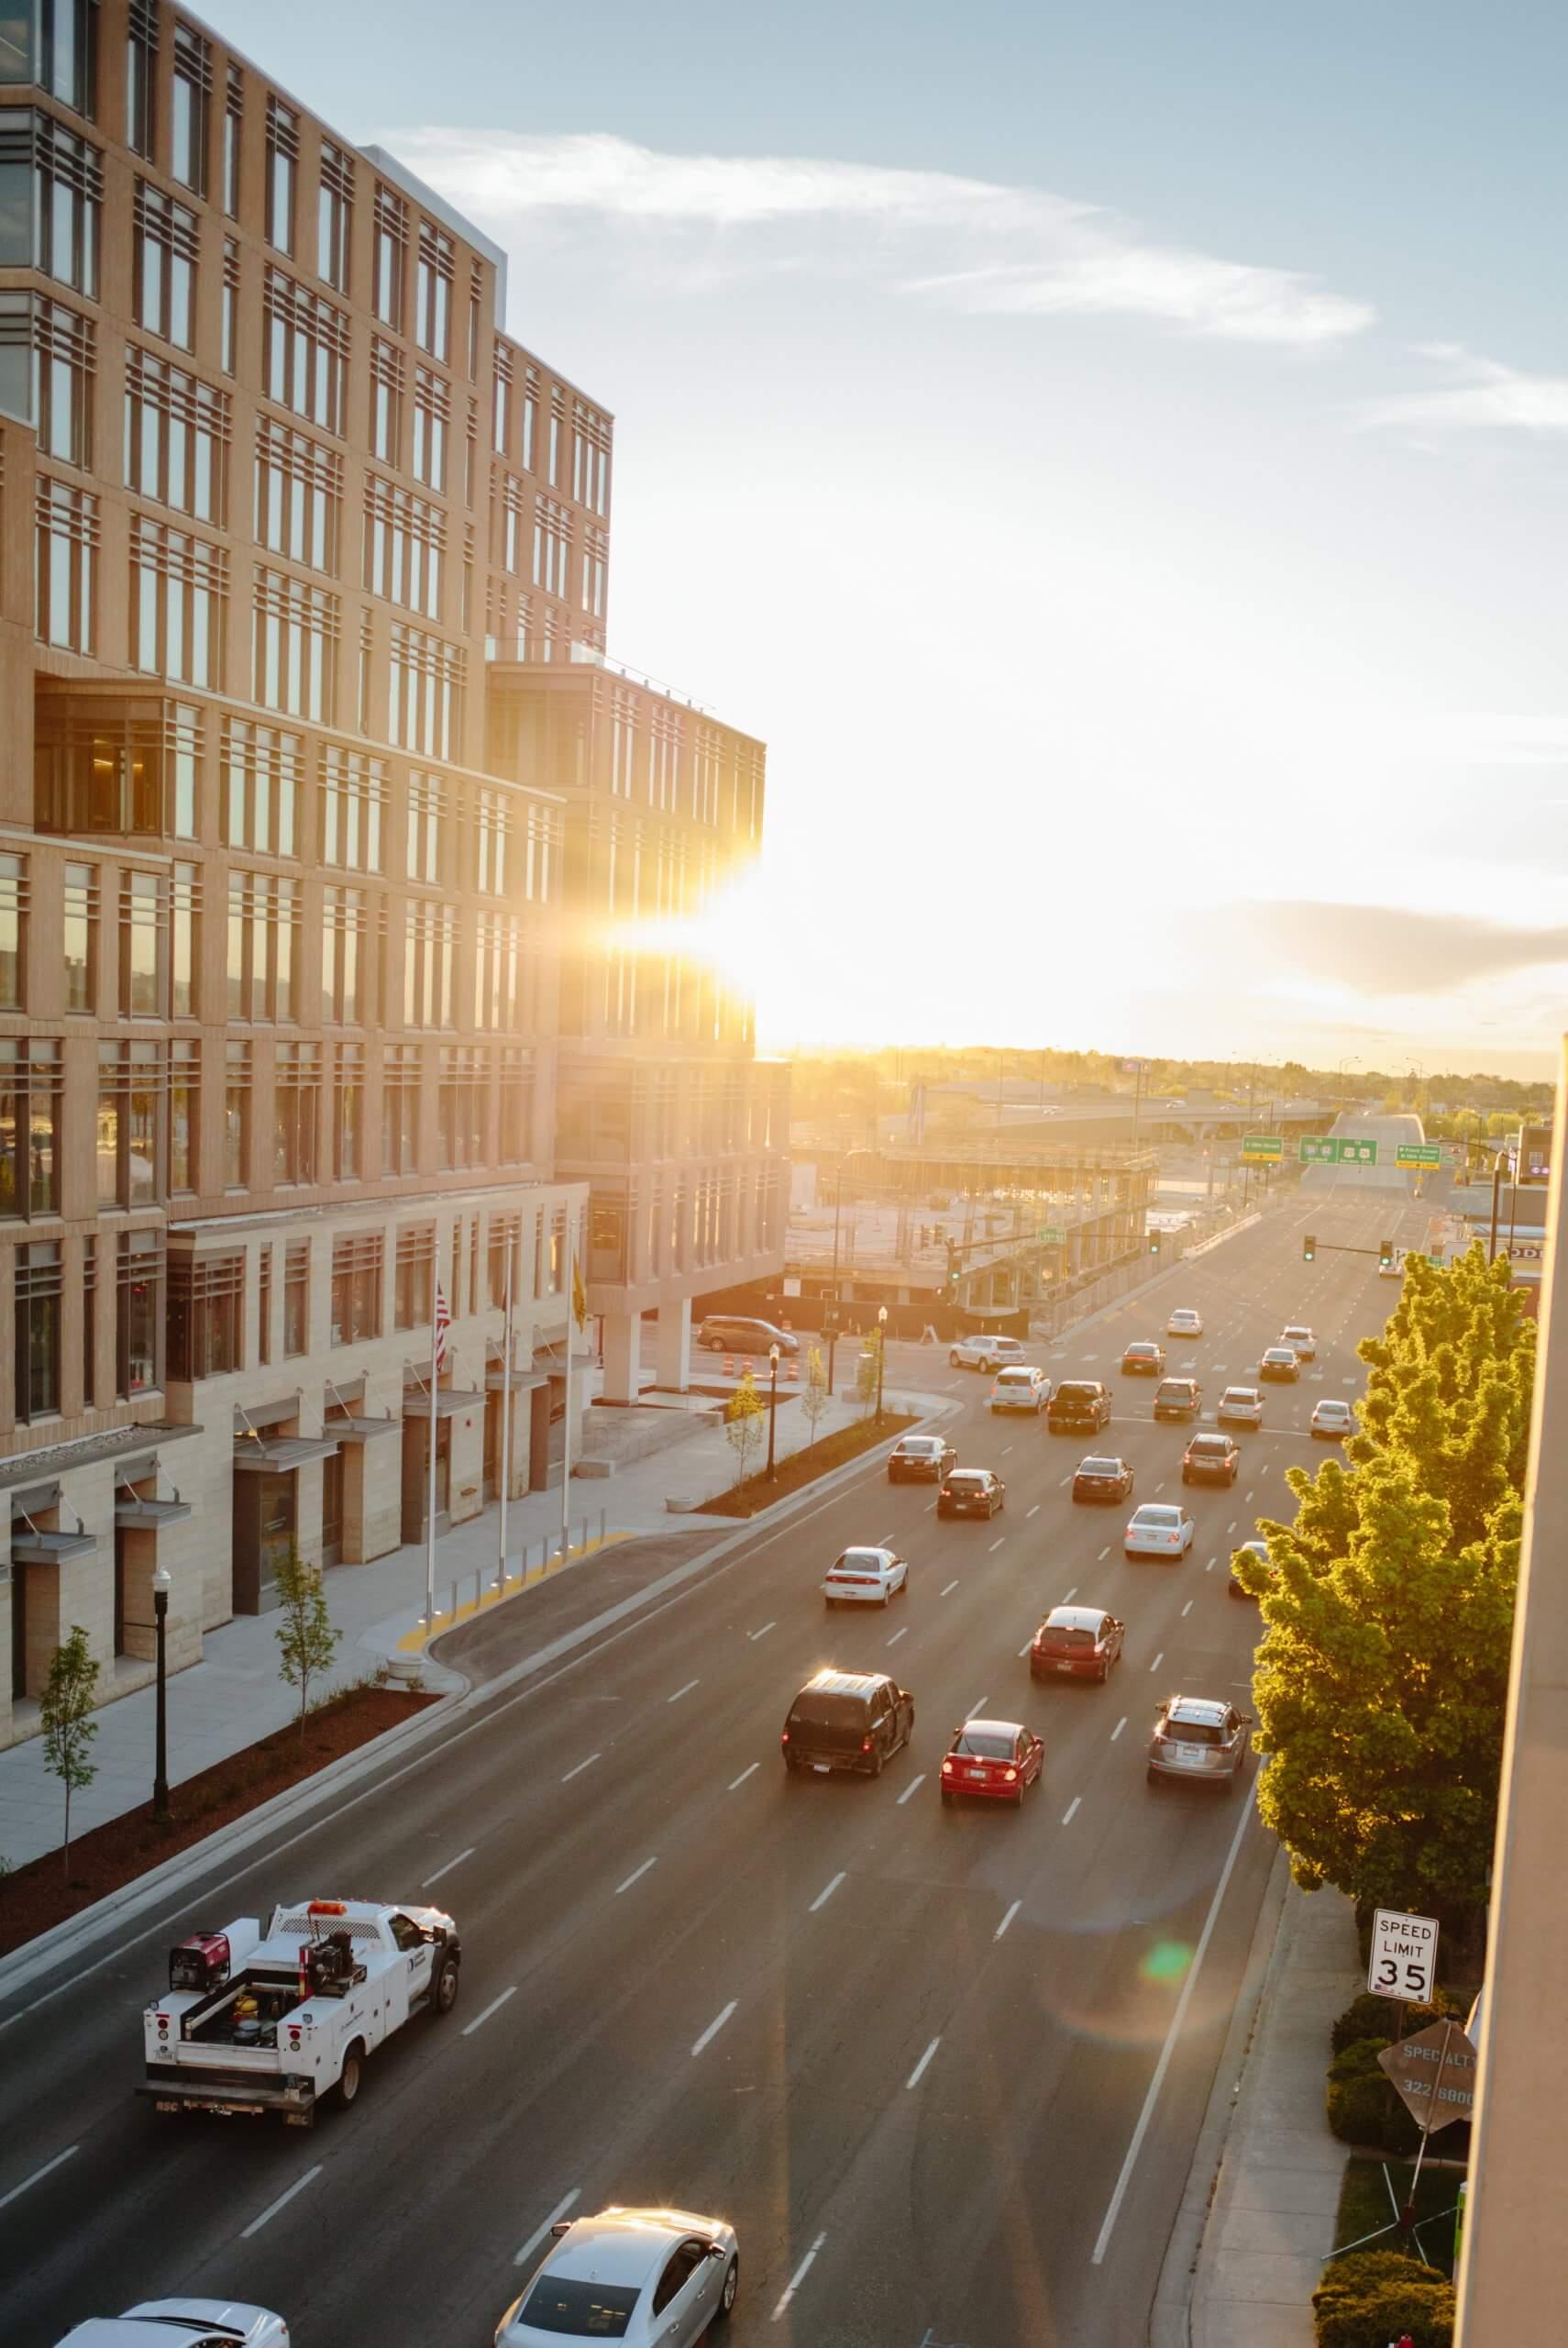 JUMP, Boise. Photo Credit: Idaho Tourism